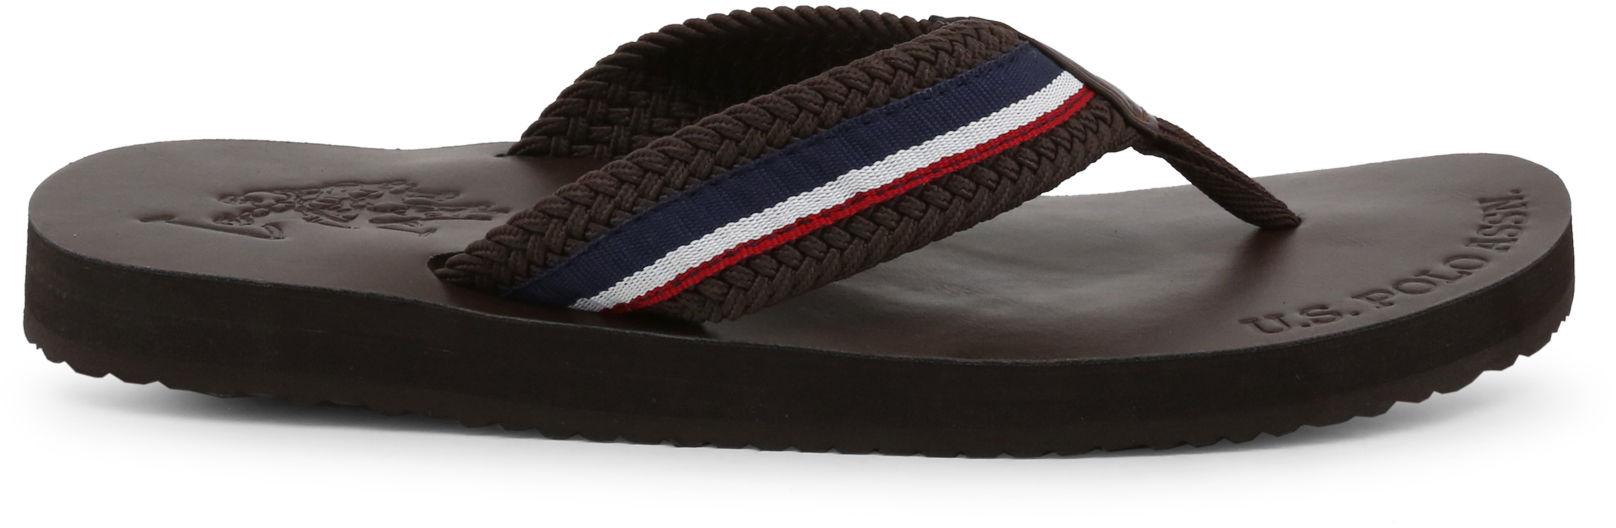 U.S. Polo Assn. Flip Flops Men